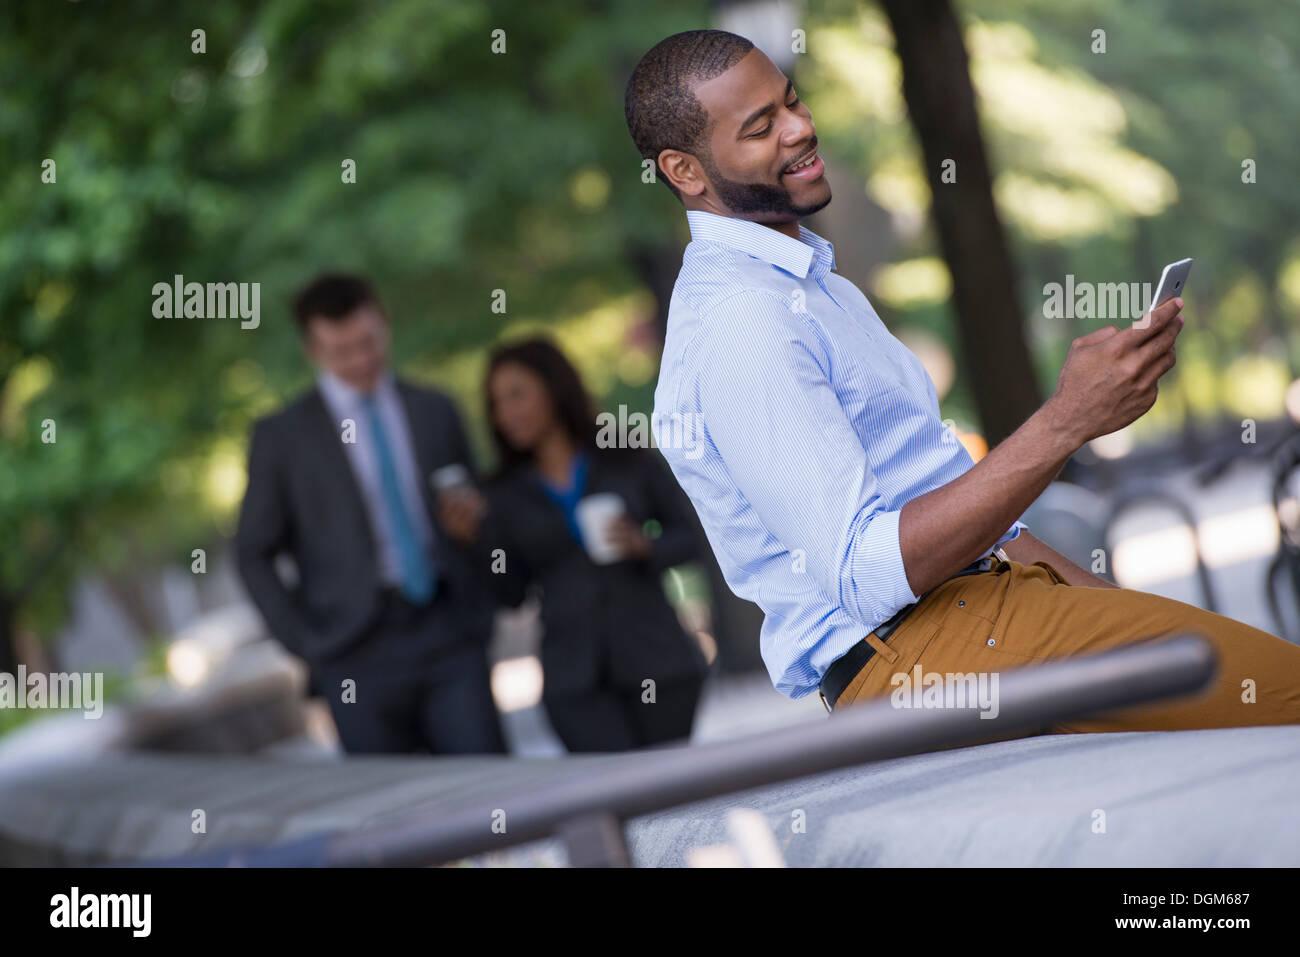 Sommer in der Stadt. Ein junger Mann in einem grauen Anzug und blaue Krawatte zu Fuß mit einer Frau in einem Anzug. Ein Mann sitzt auf einer Bank. Stockbild